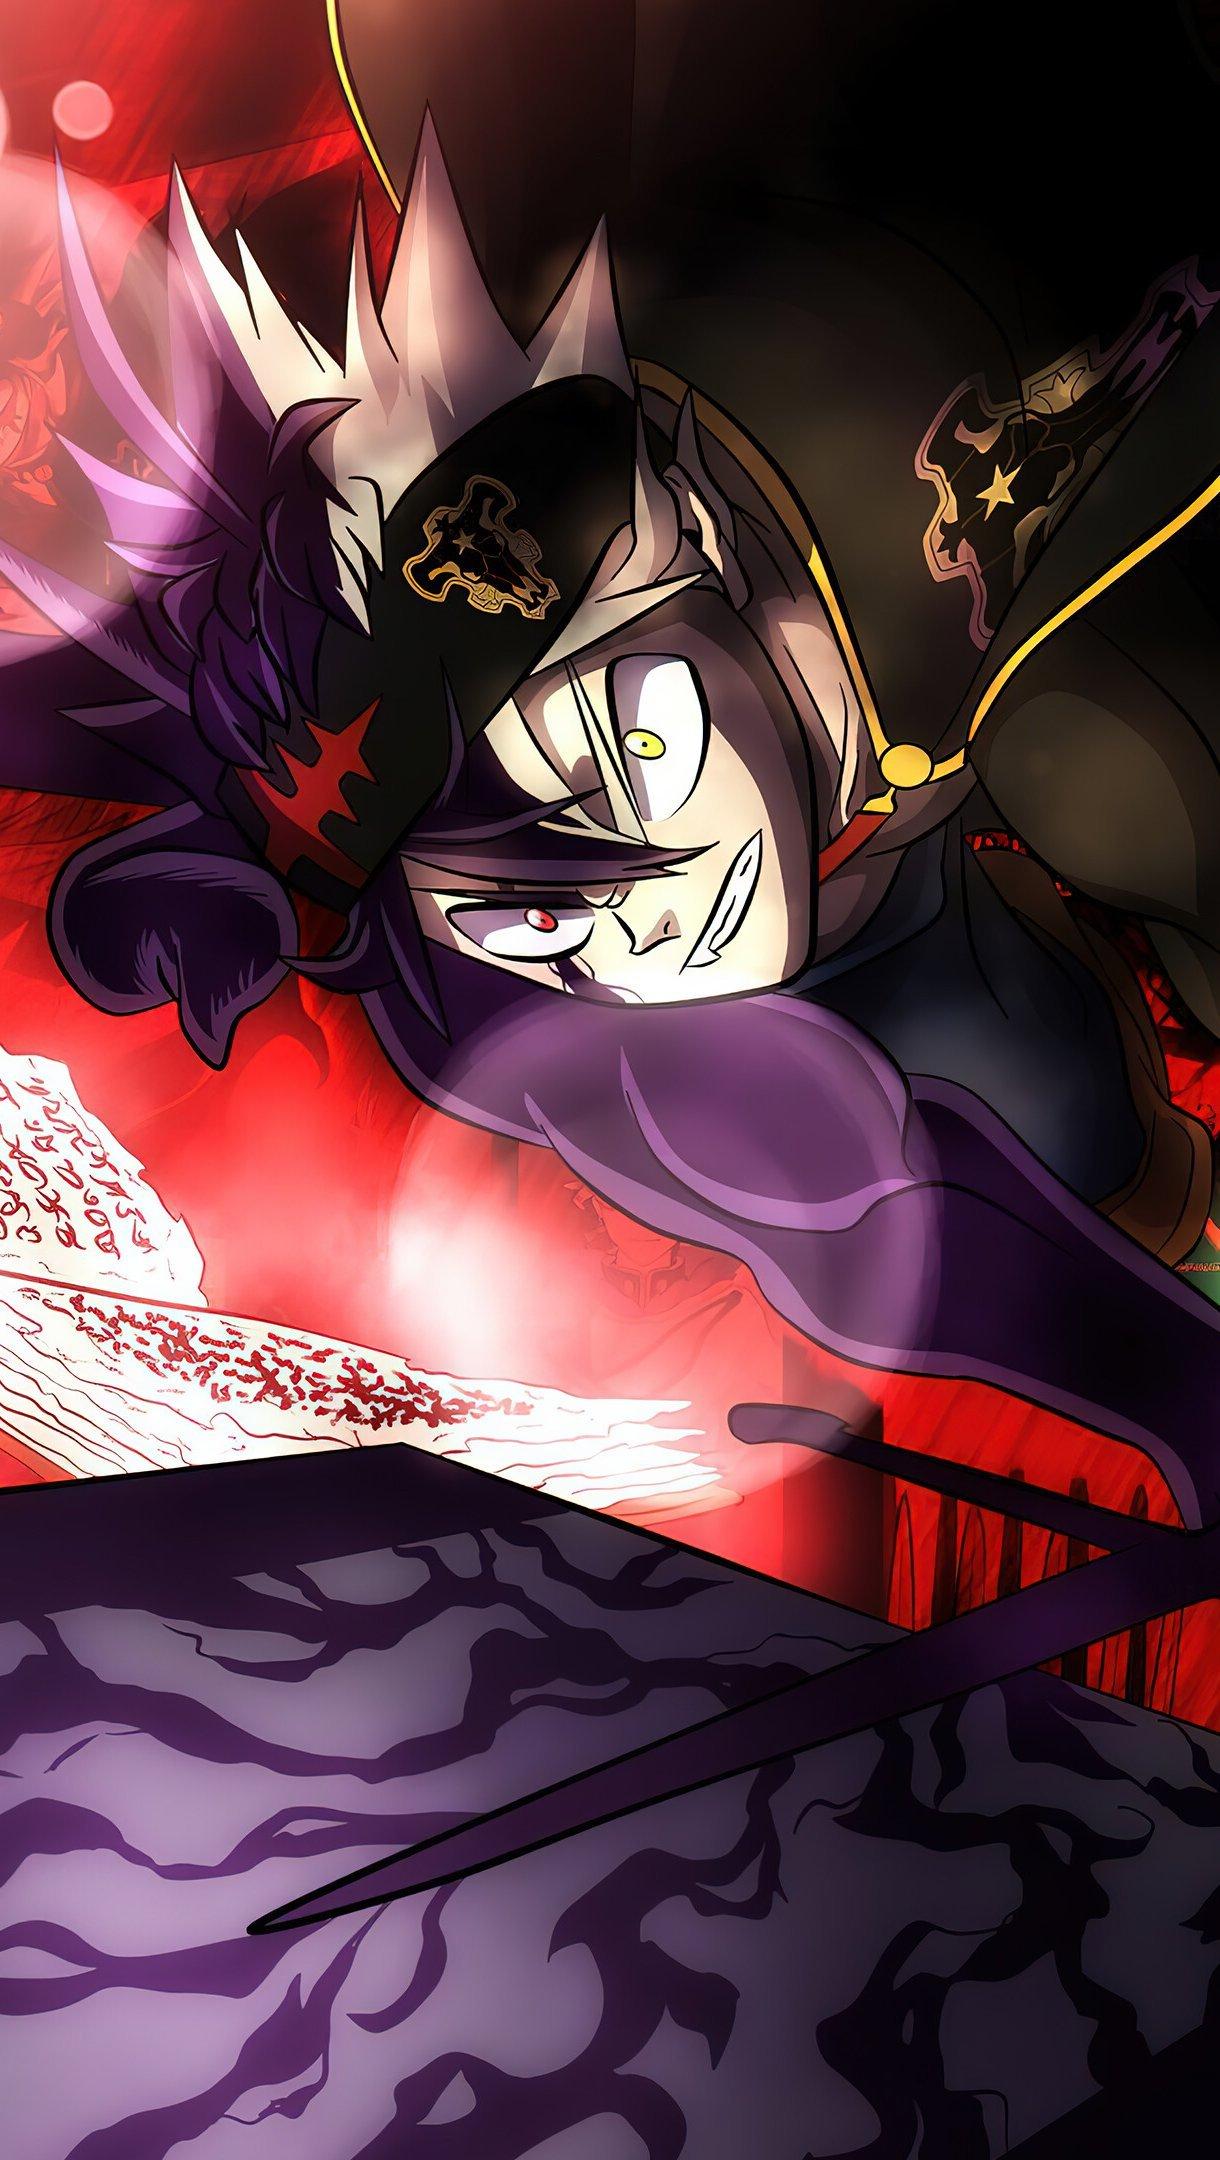 Fondos de pantalla Anime Asta Yuno Noelle Black Clover Vertical